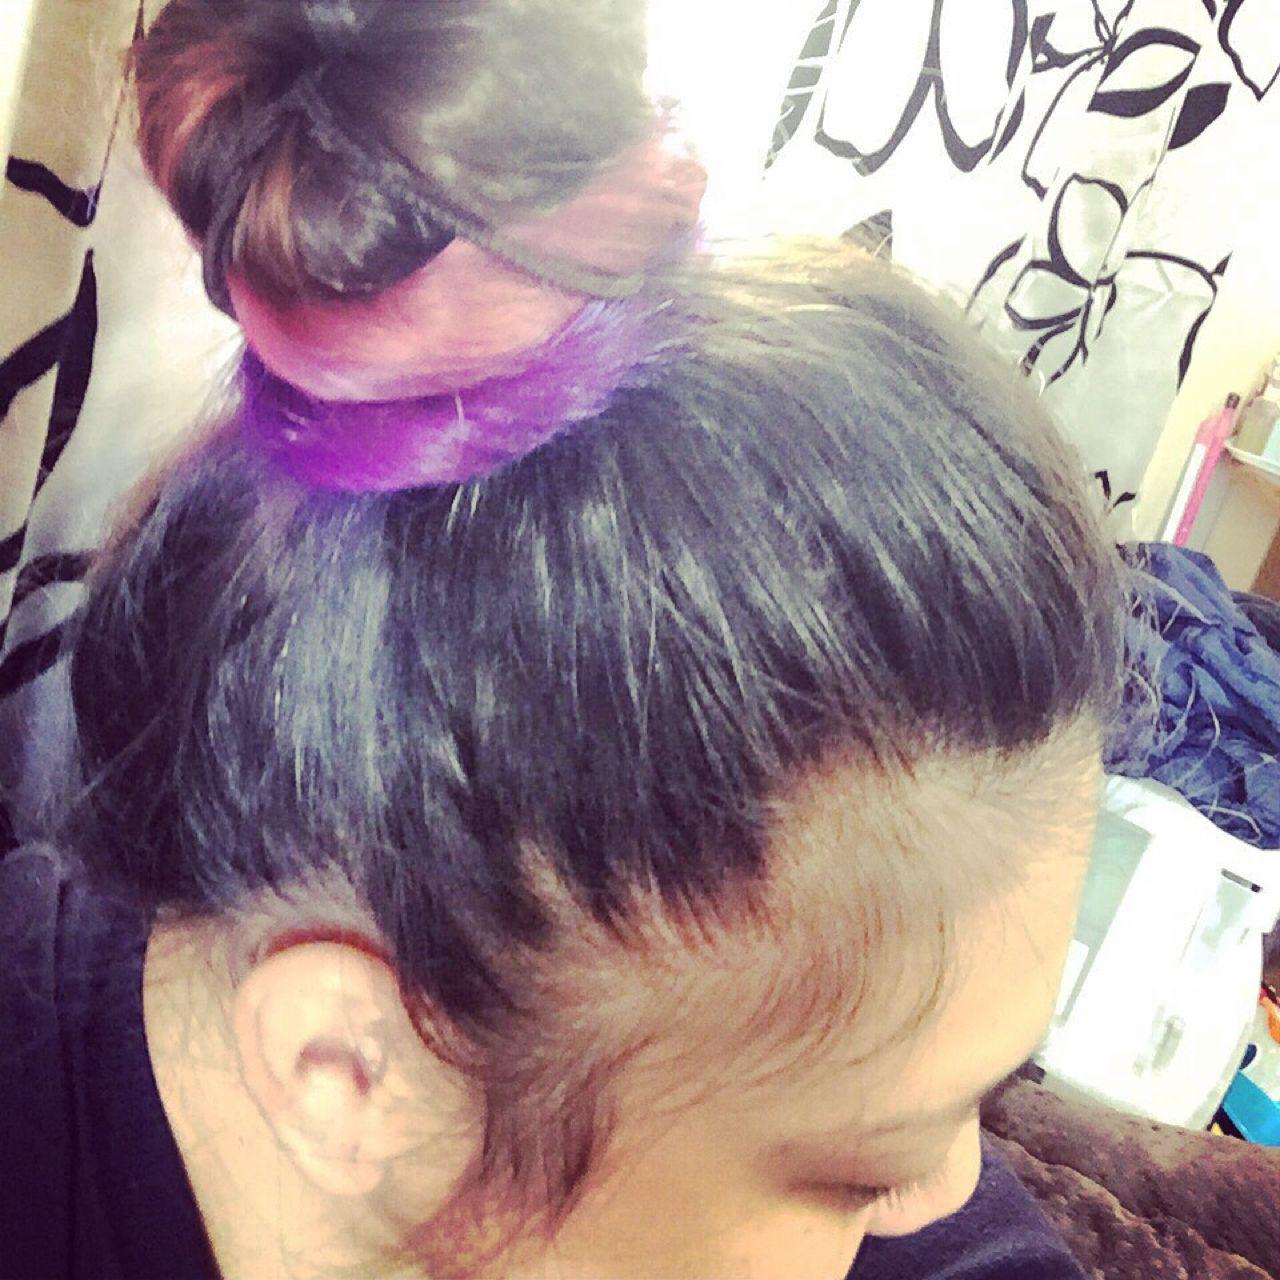 モテ髪 ナチュラル ストリート セミロング ヘアスタイルや髪型の写真・画像 | Dara-krung de Guzman /